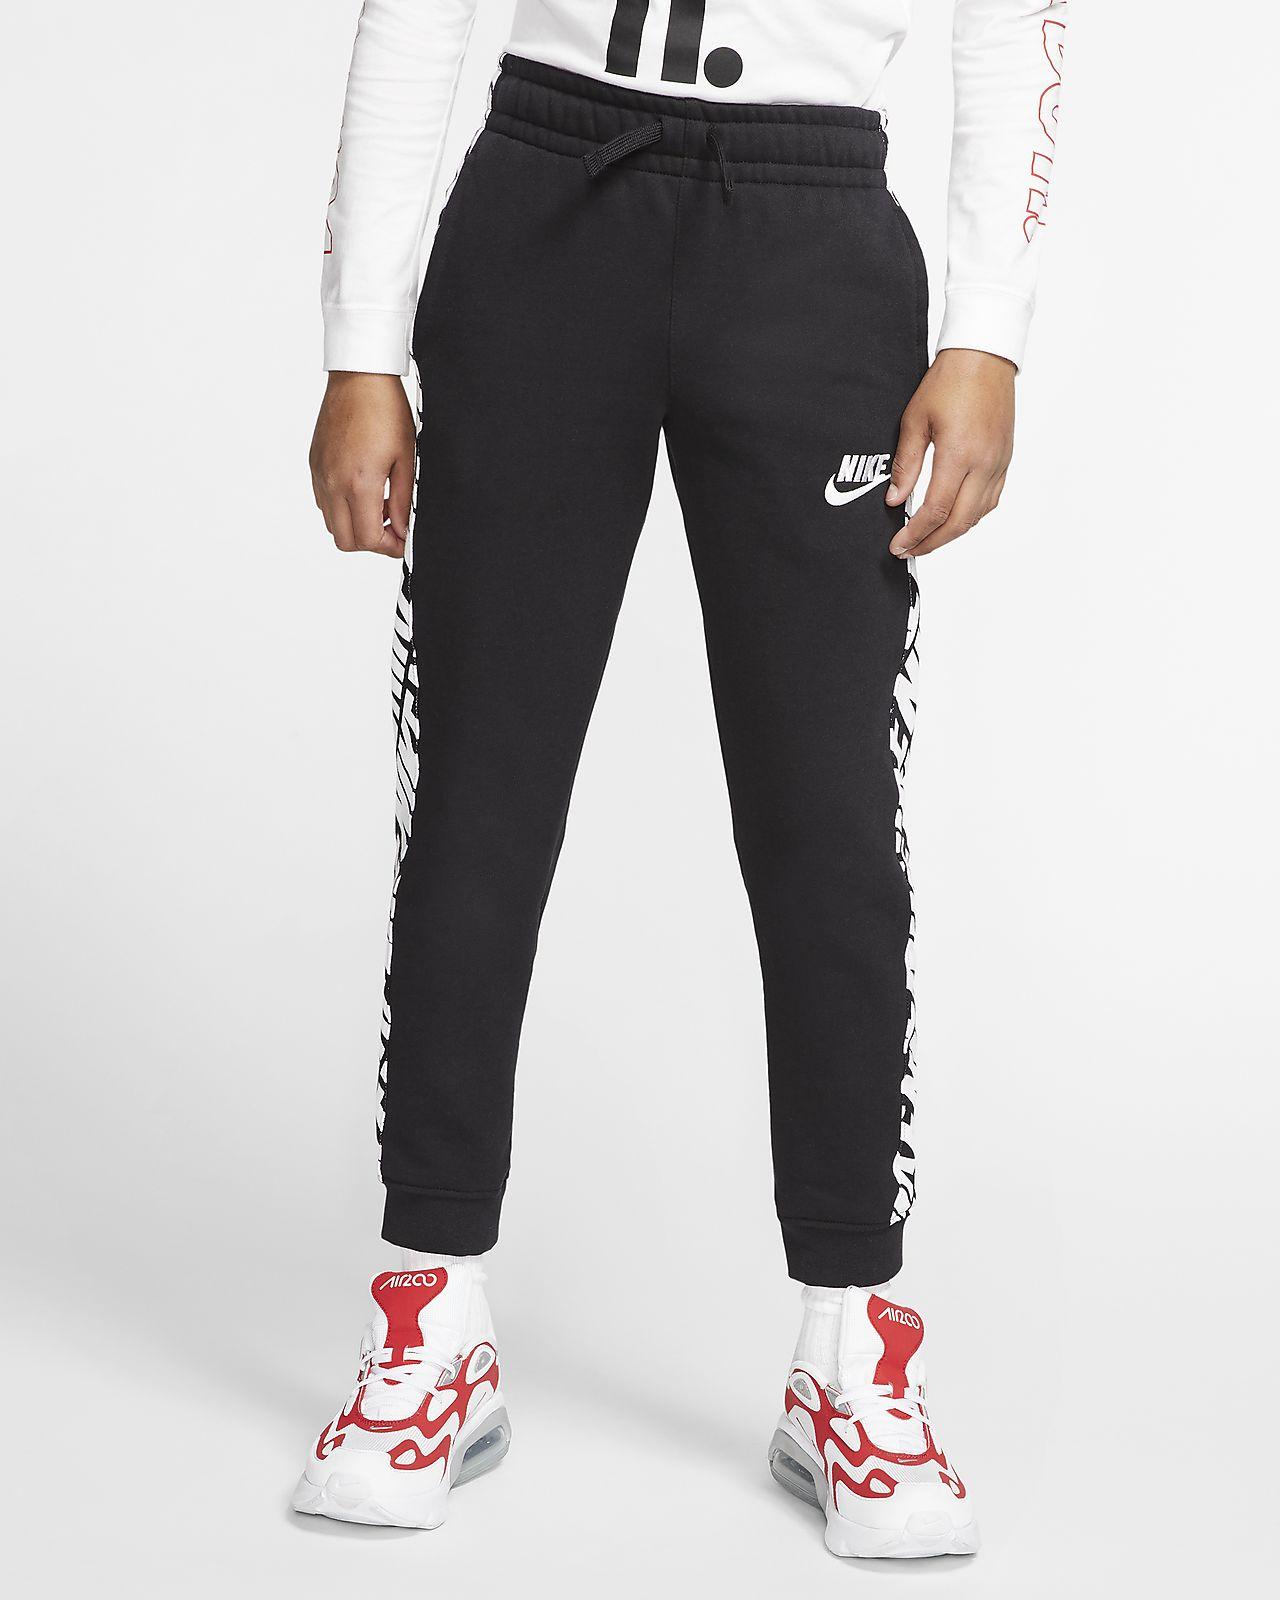 Брюки из ткани френч терри для мальчиков школьного возраста Nike Sportswear